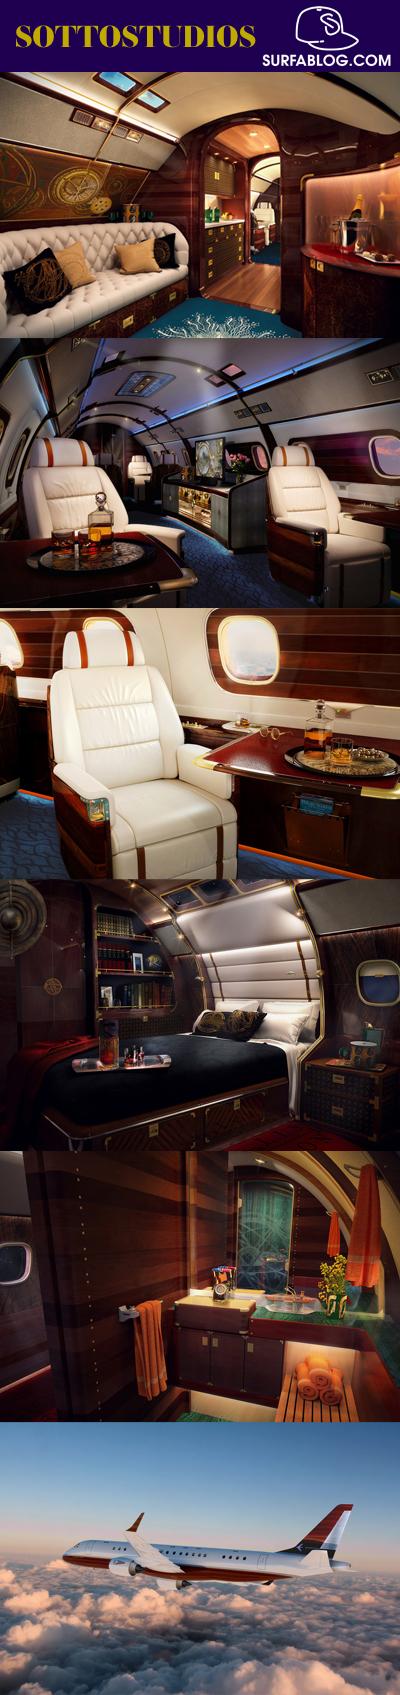 Jet Privato Prezzo Nuovo : Surfa skyacht one il jet privato da milioni di